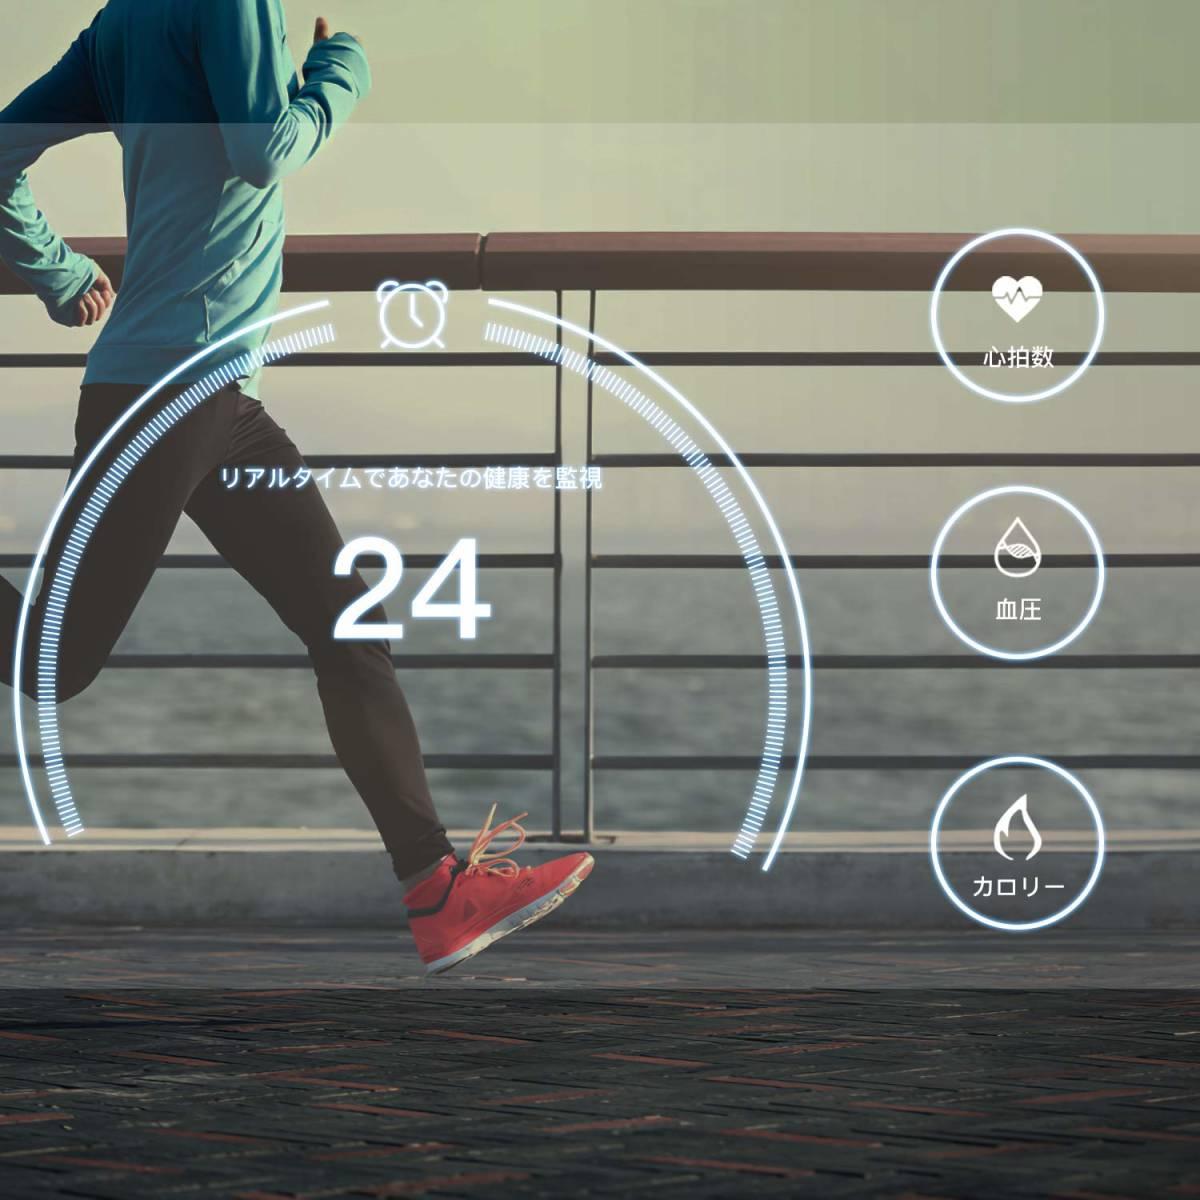 ★☆AGPTEK 2019最新 スマートウォッチ IP67防水 スマートブレスレット Bluetooth機能搭載 歩数計 タッチ操作【S0625】☆★_画像8